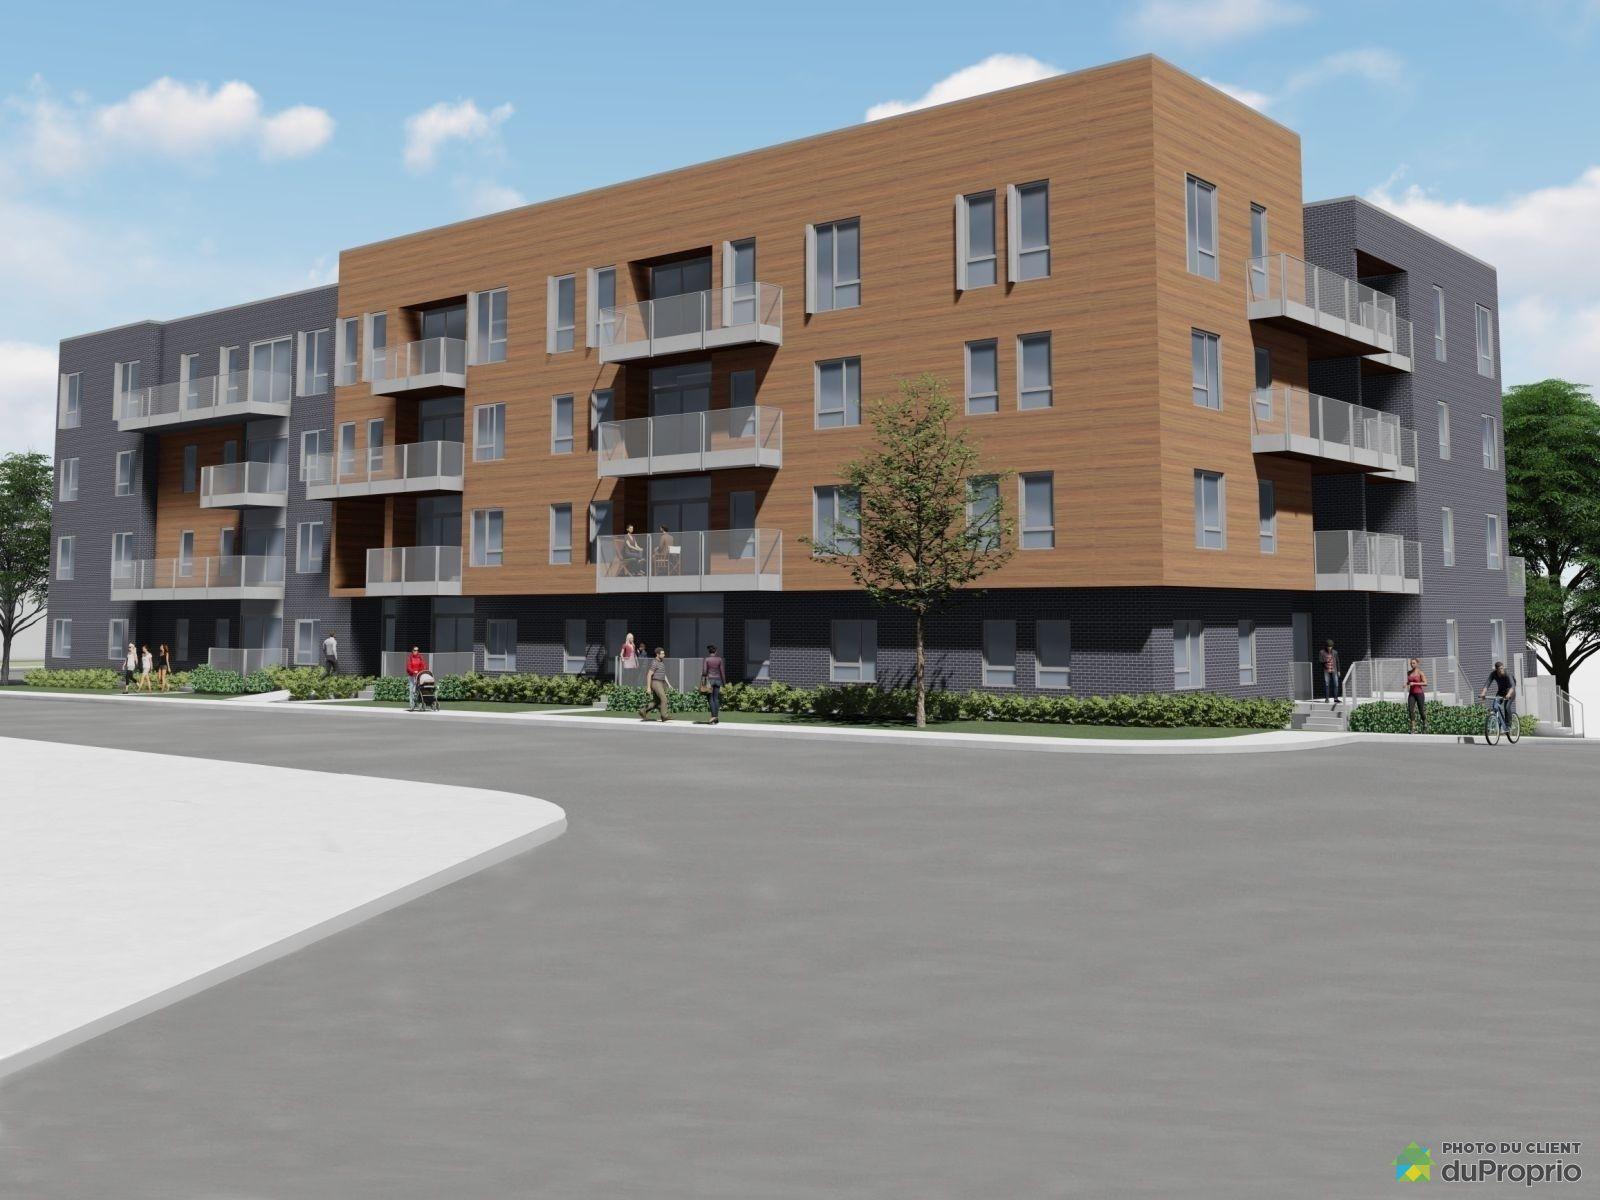 station langelier condominiums, mercier hochelaga maisonneuve for sale duproprio